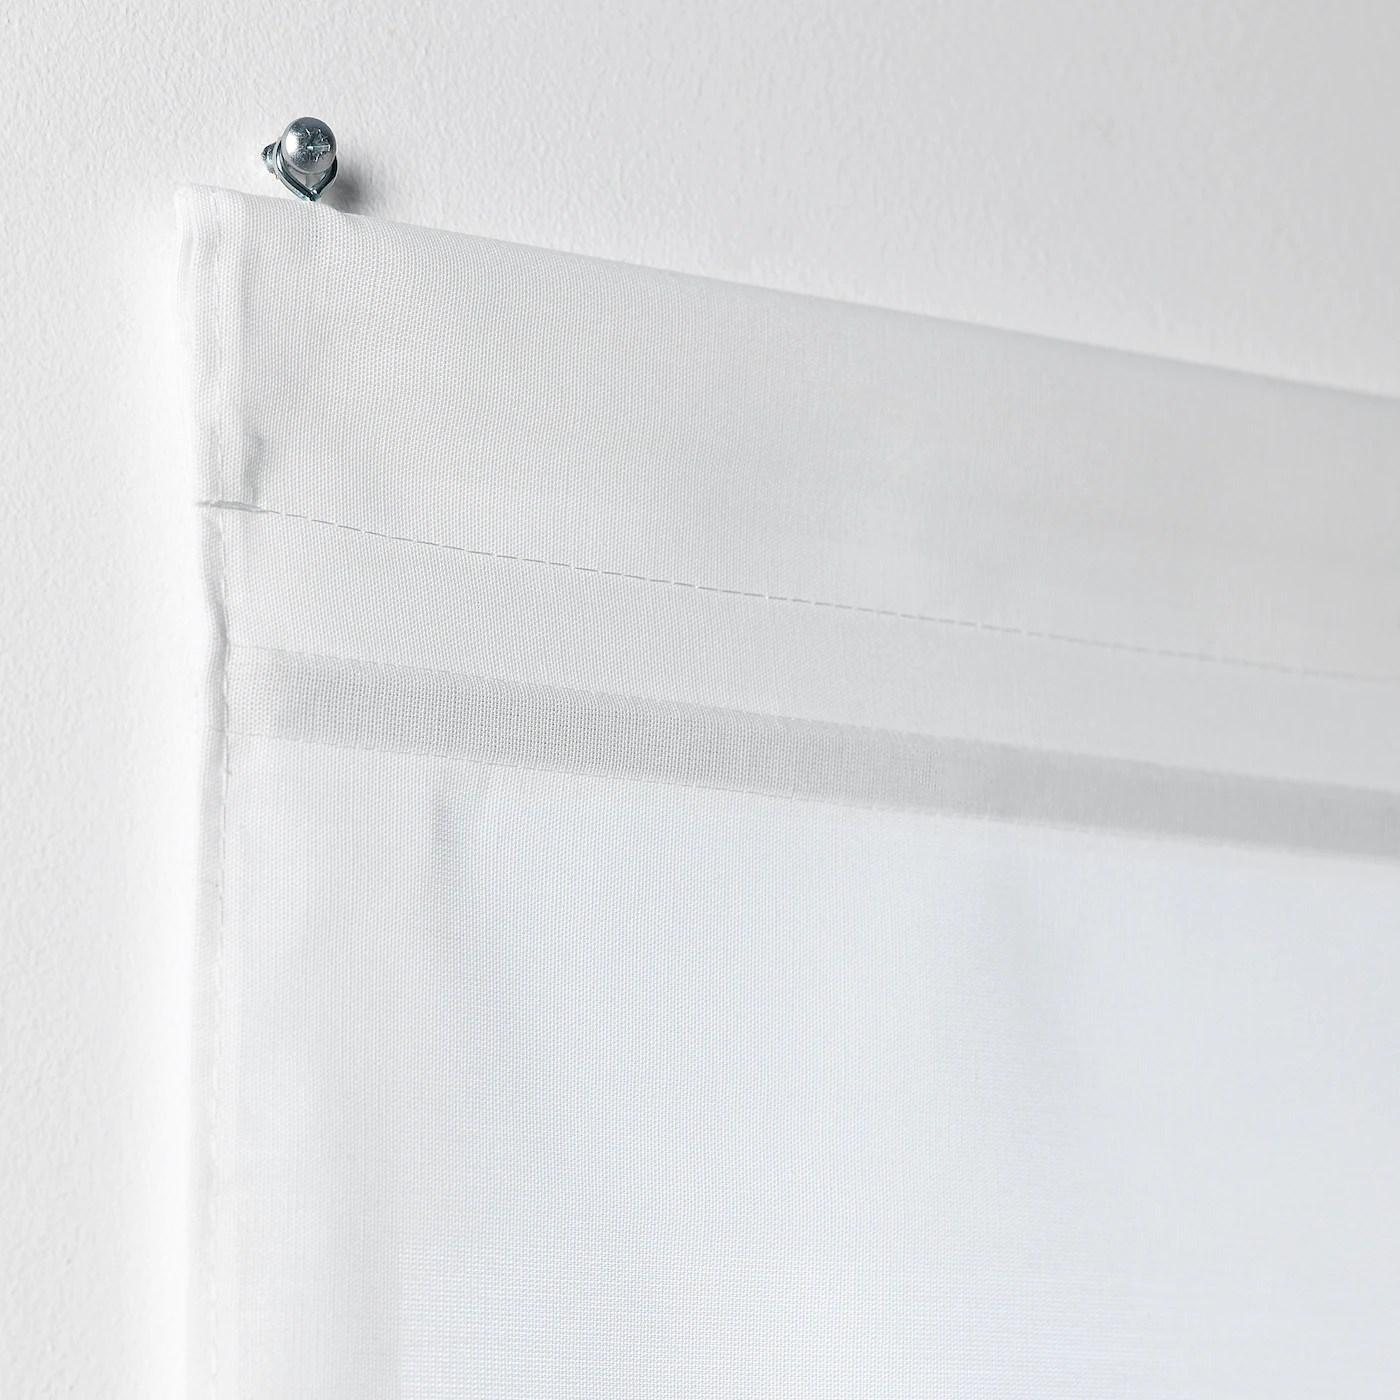 Proposte low cost adatte a finestre e portefinestre, pratiche e durevoli, oscuranti, a pannello, a rullo e a pacchetto. Ringblomma Tenda A Pacchetto Bianco 100x160 Cm Ikea It